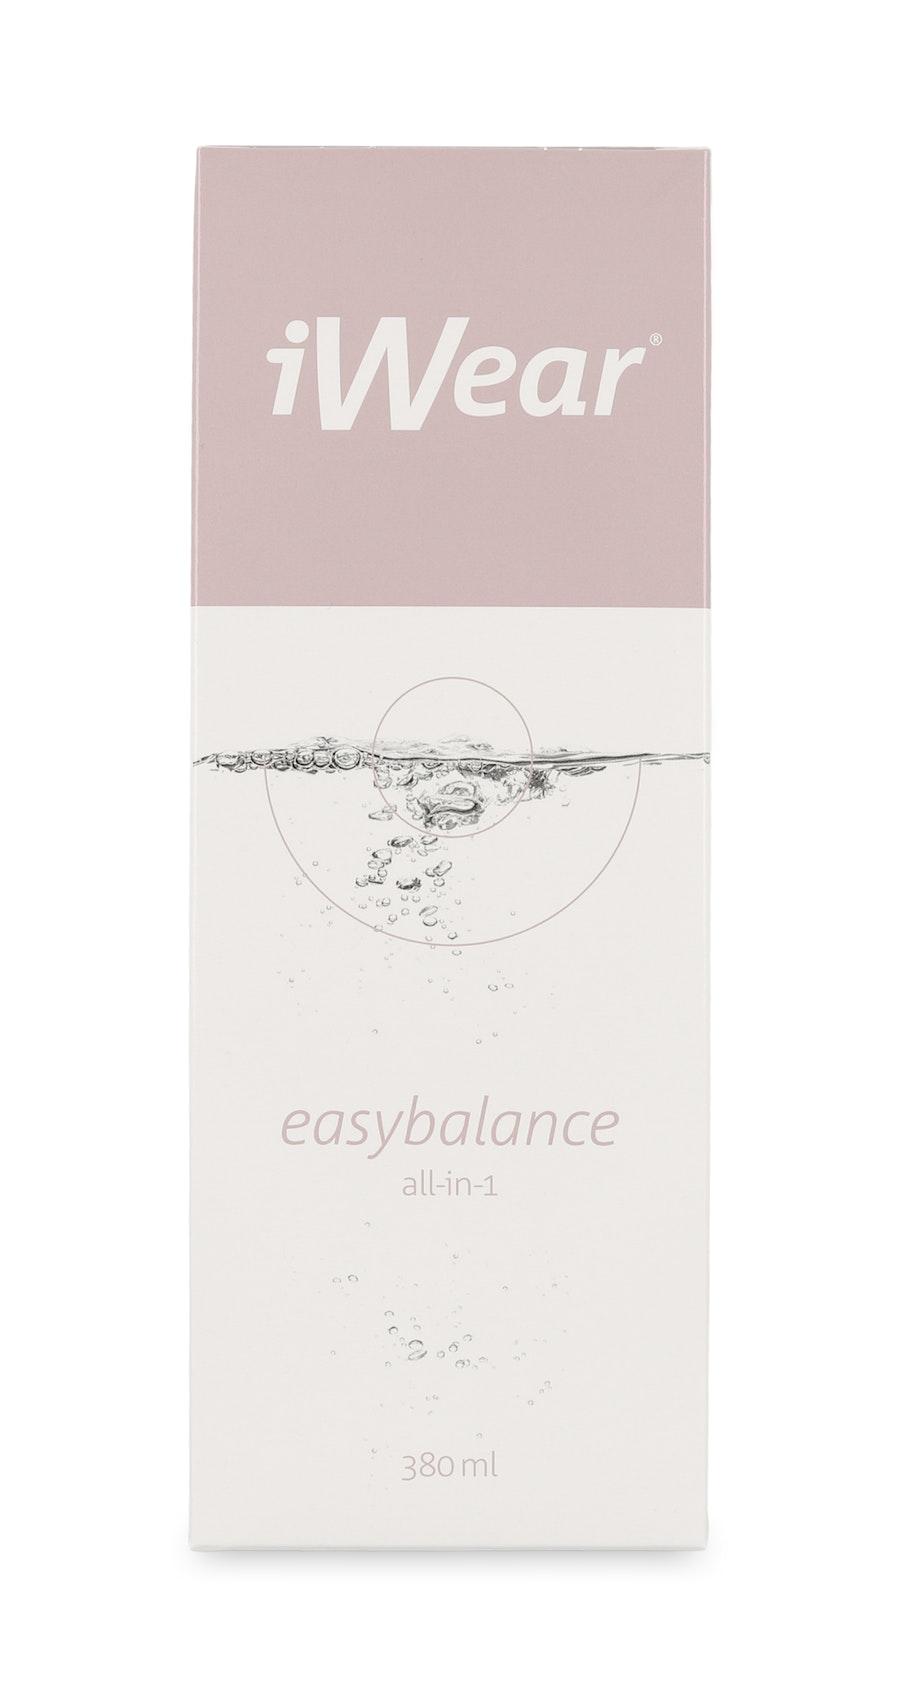 iWear Easybalance 380